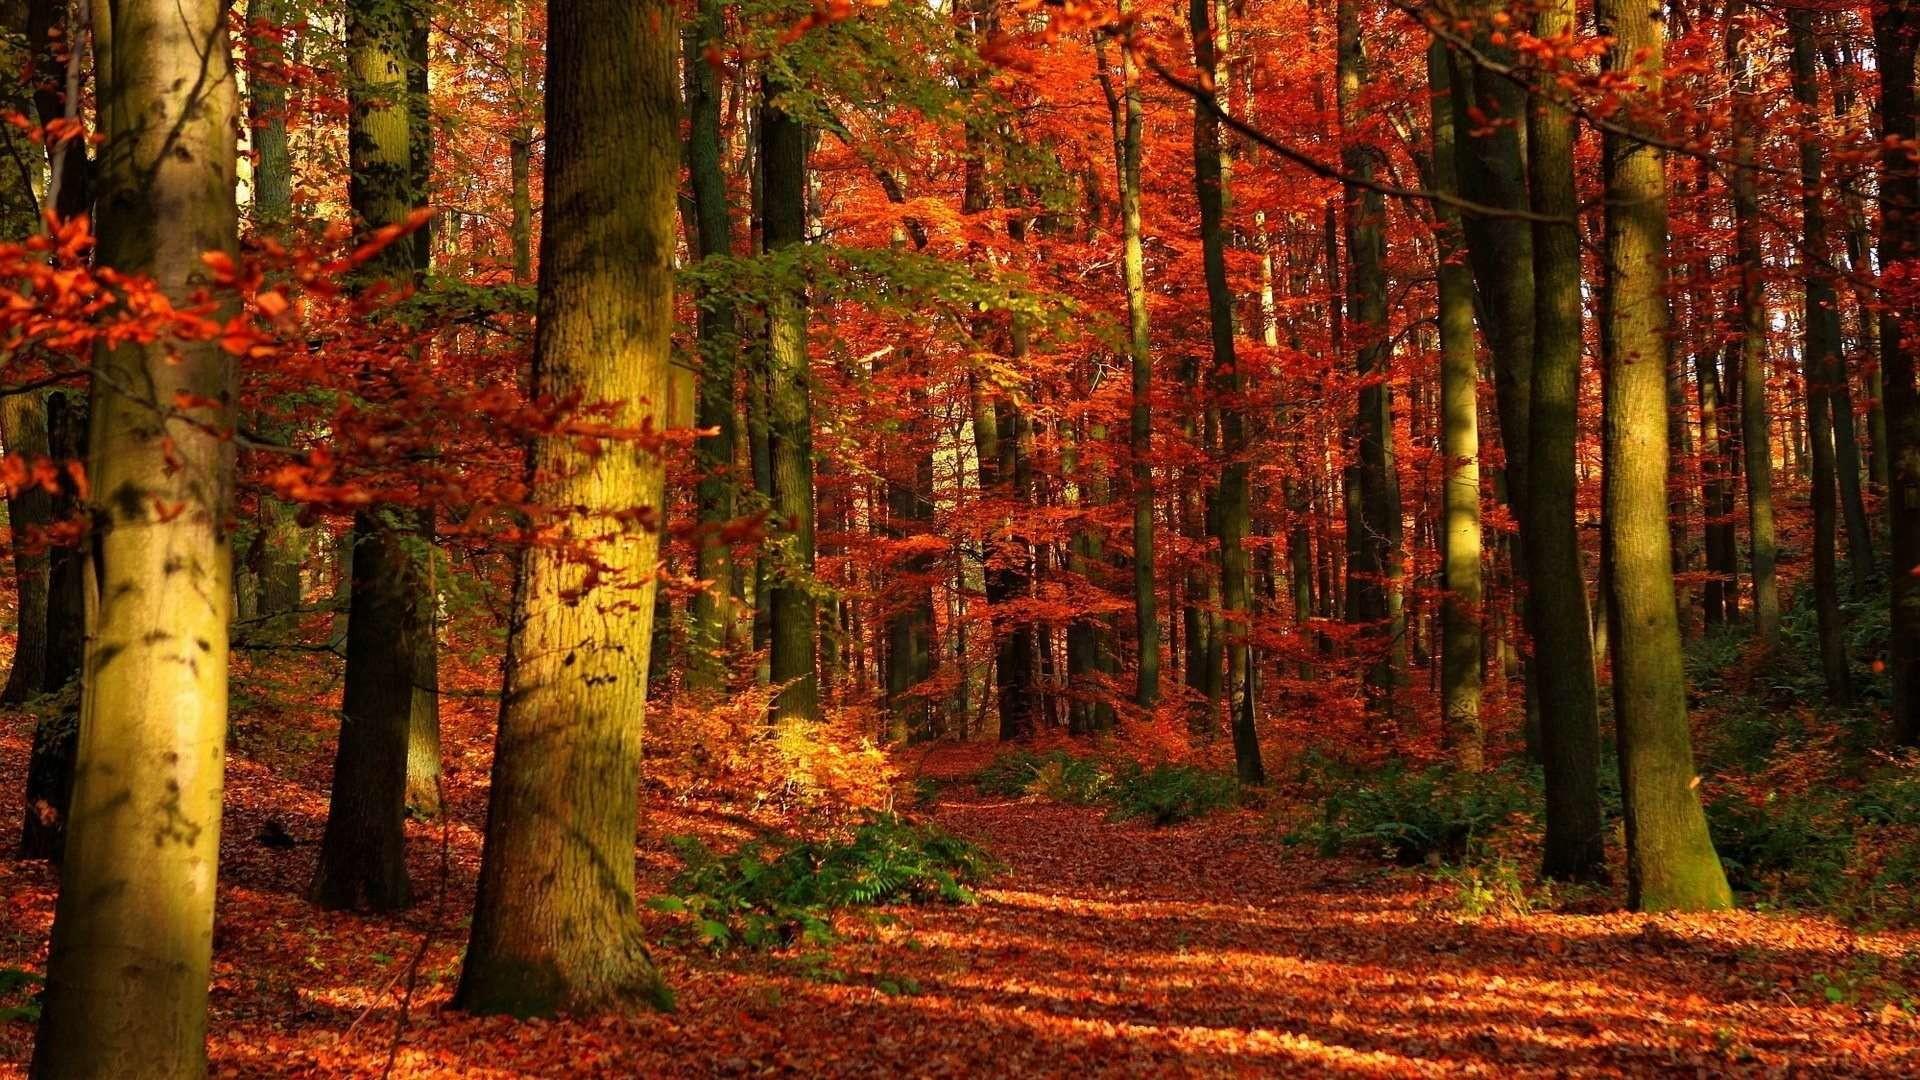 Autumn Wallpaper Widescreen